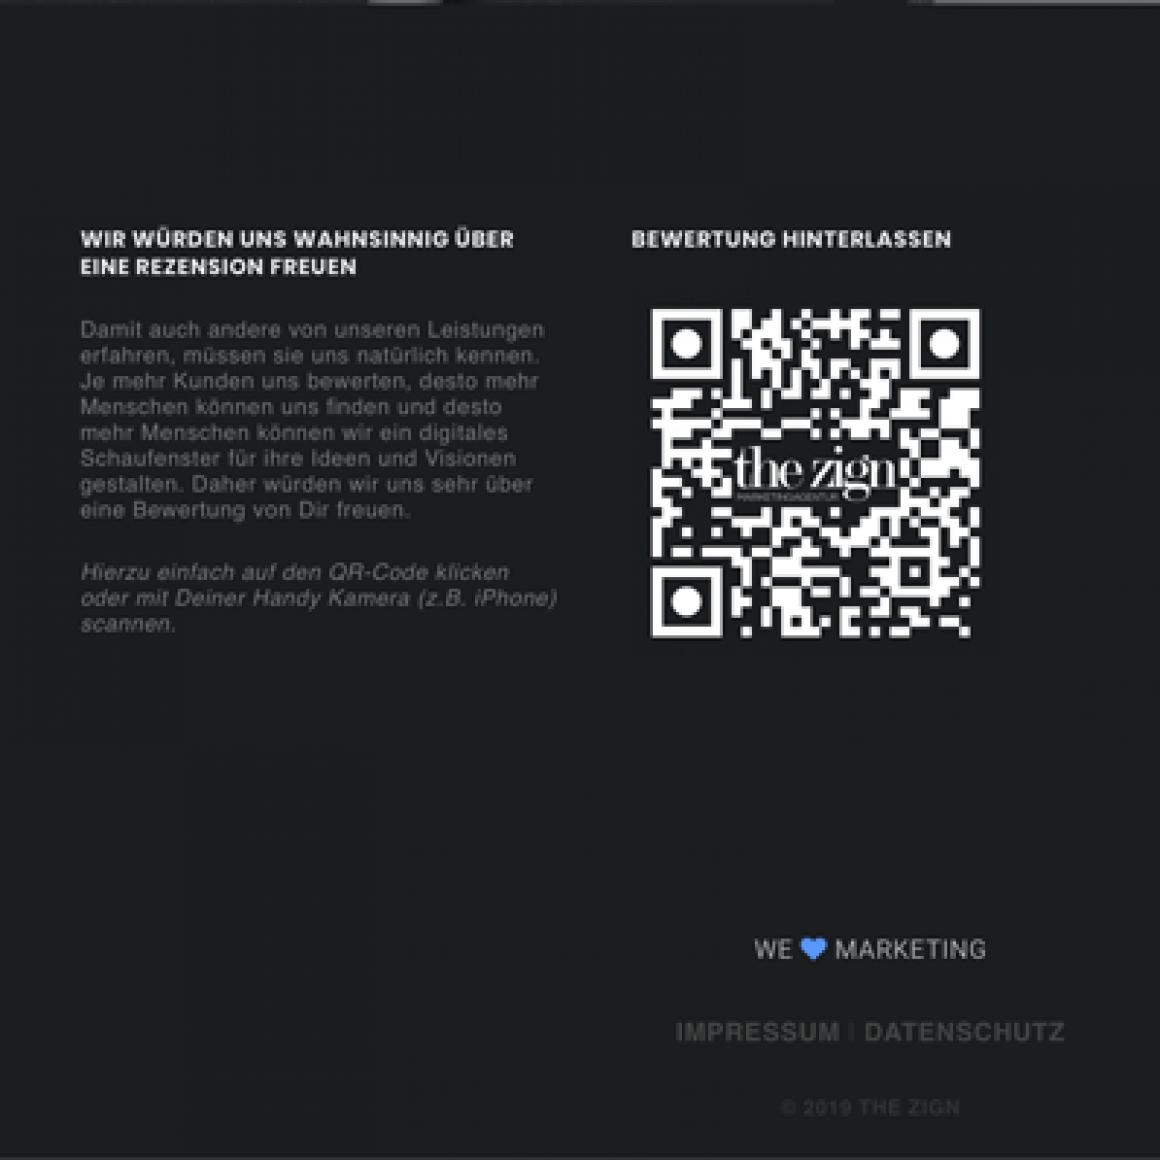 TZ_Referenz_03-1160x1160 the zign